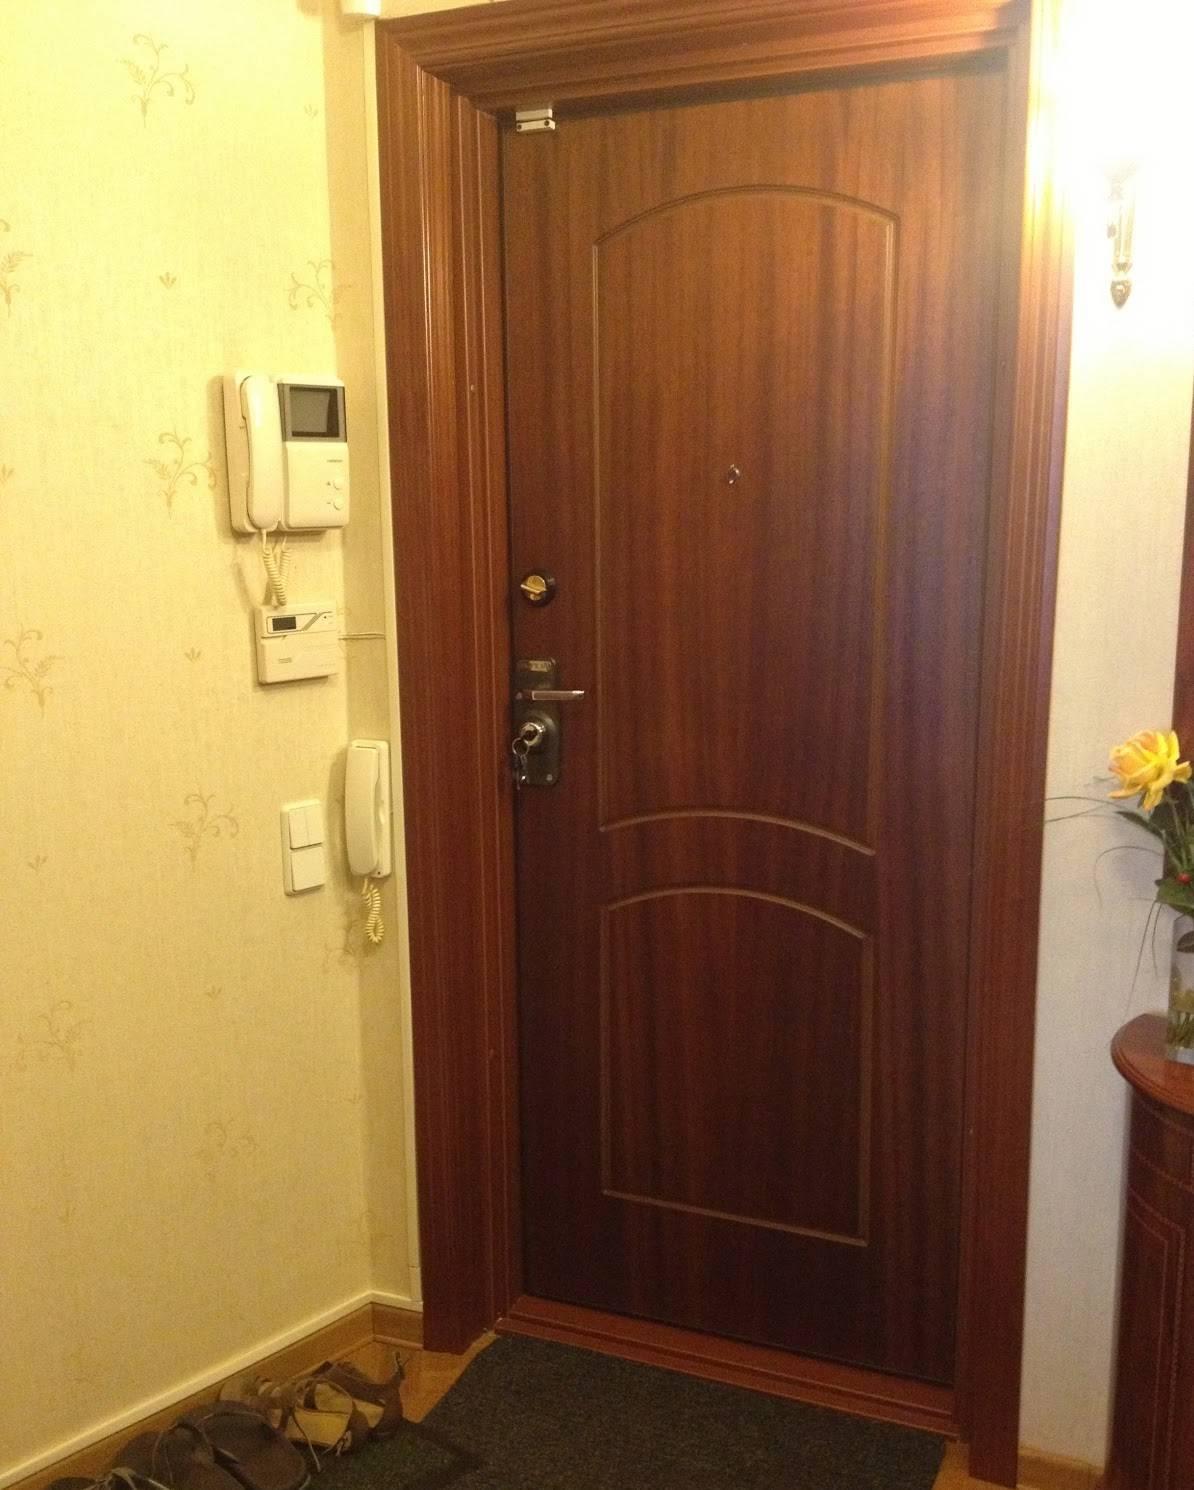 Обивка дверей: деревянных, металлических, дерматином, винилискожей